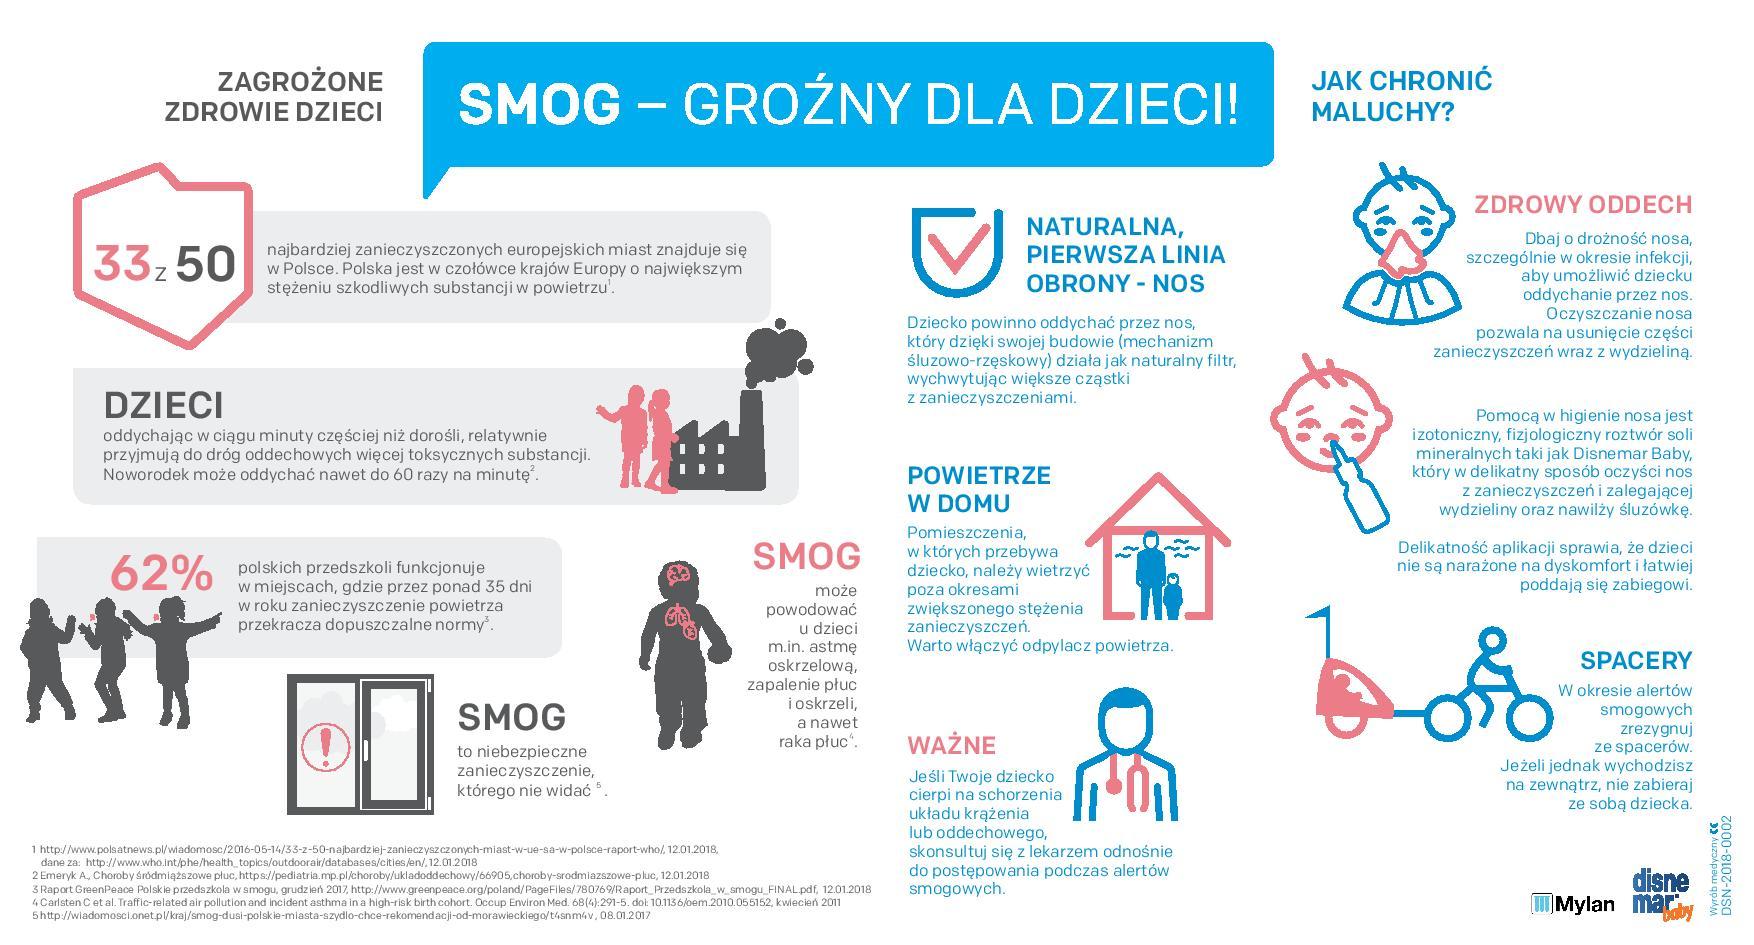 Infografika_Smog_szczególnie groźny dla dzieci